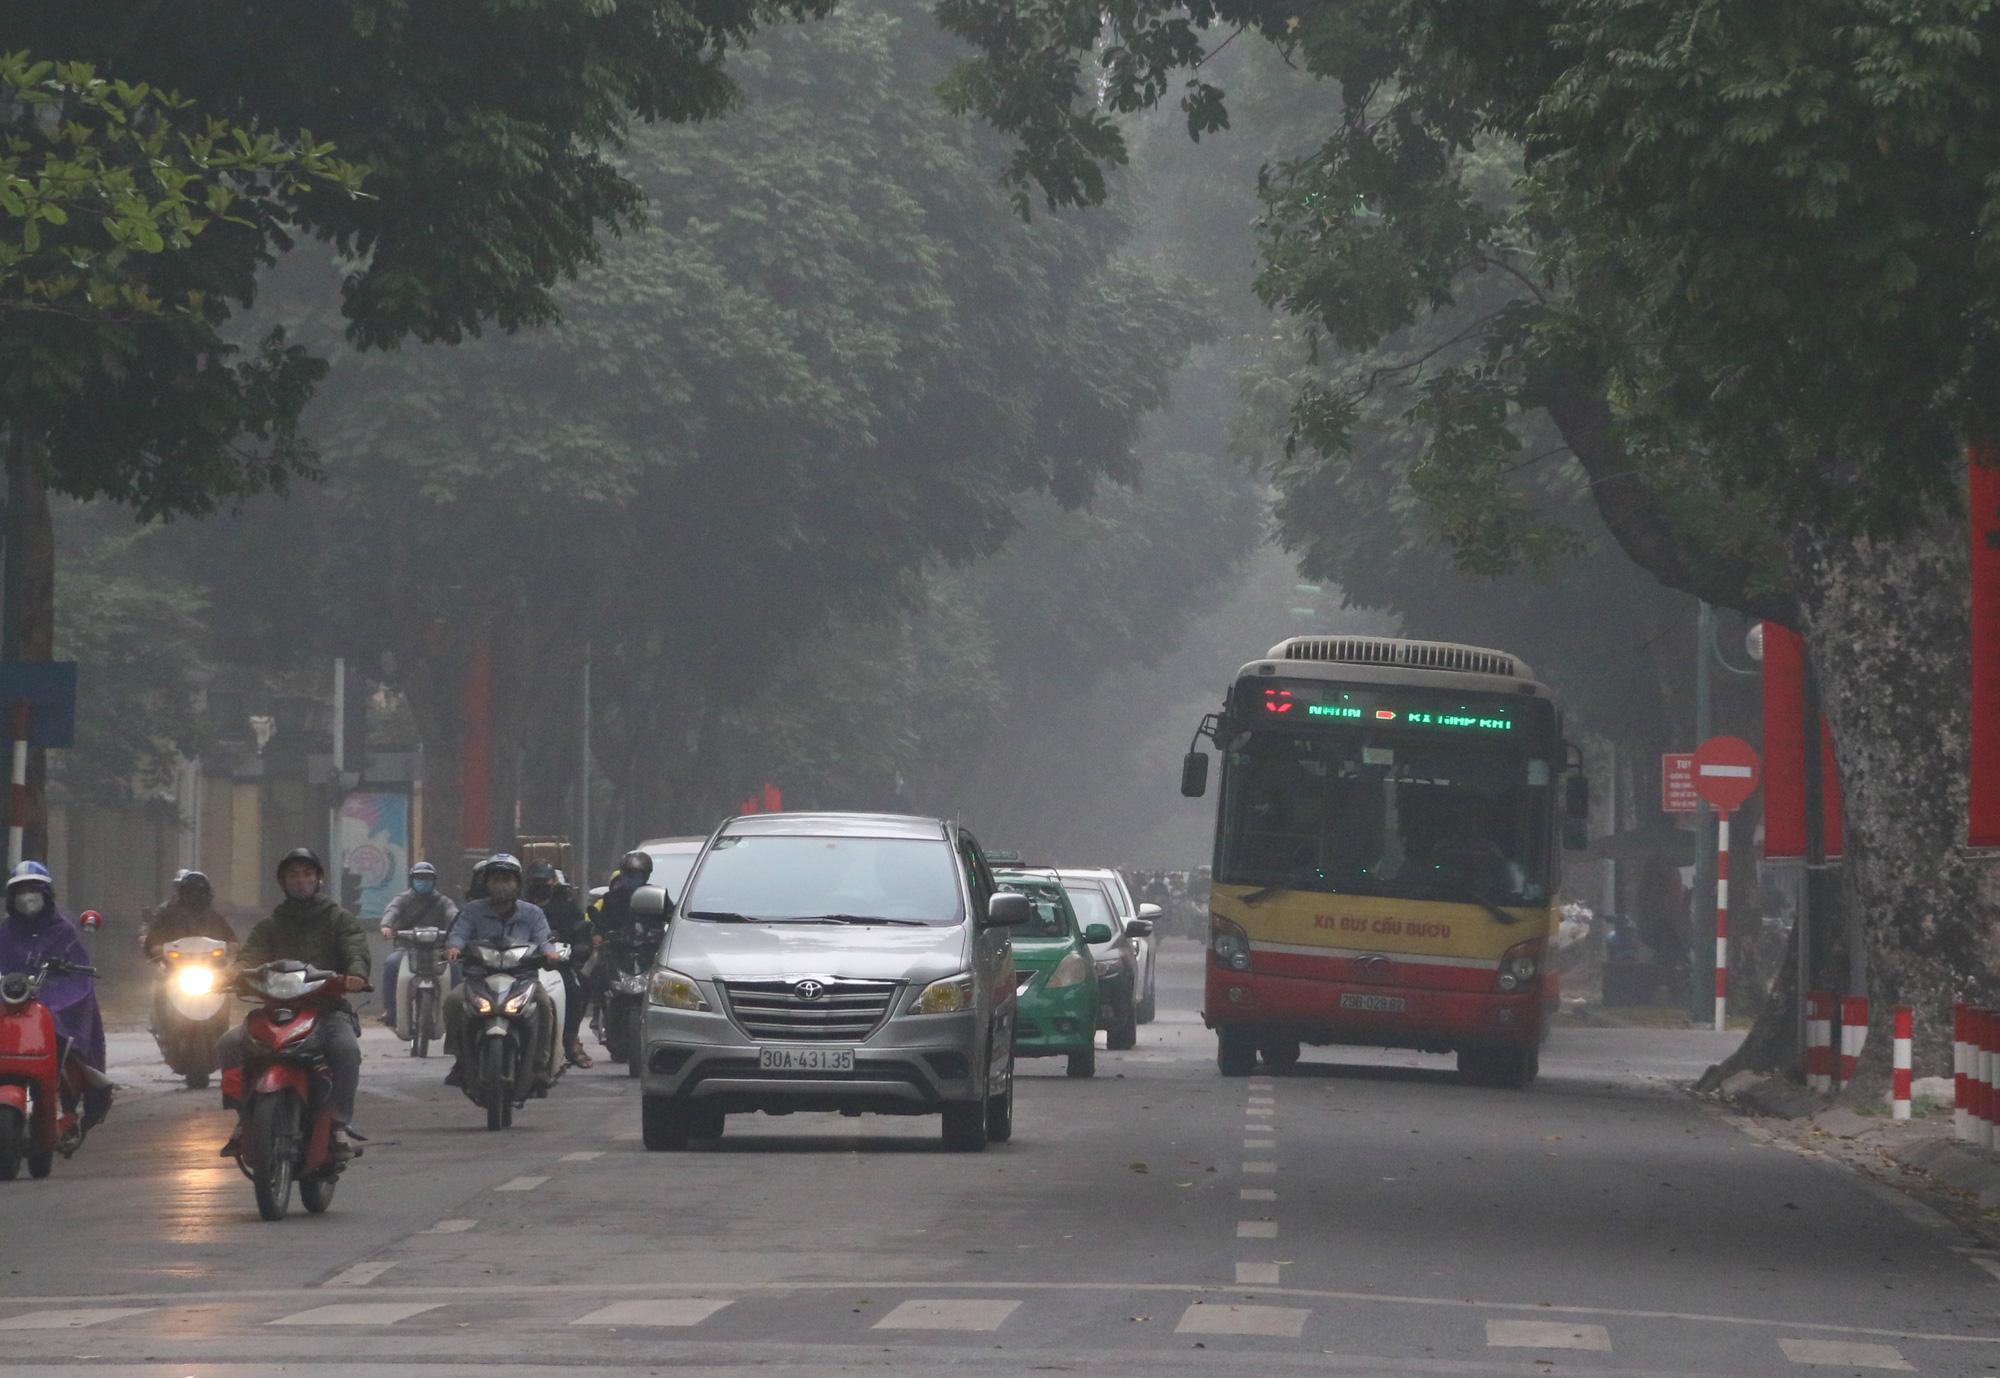 Cảnh vắng lặng ở ga tàu, bến xe Hà Nội: Nhiều chuyến xe rời bến chỉ mình tài xế, không hành khách - Ảnh 16.